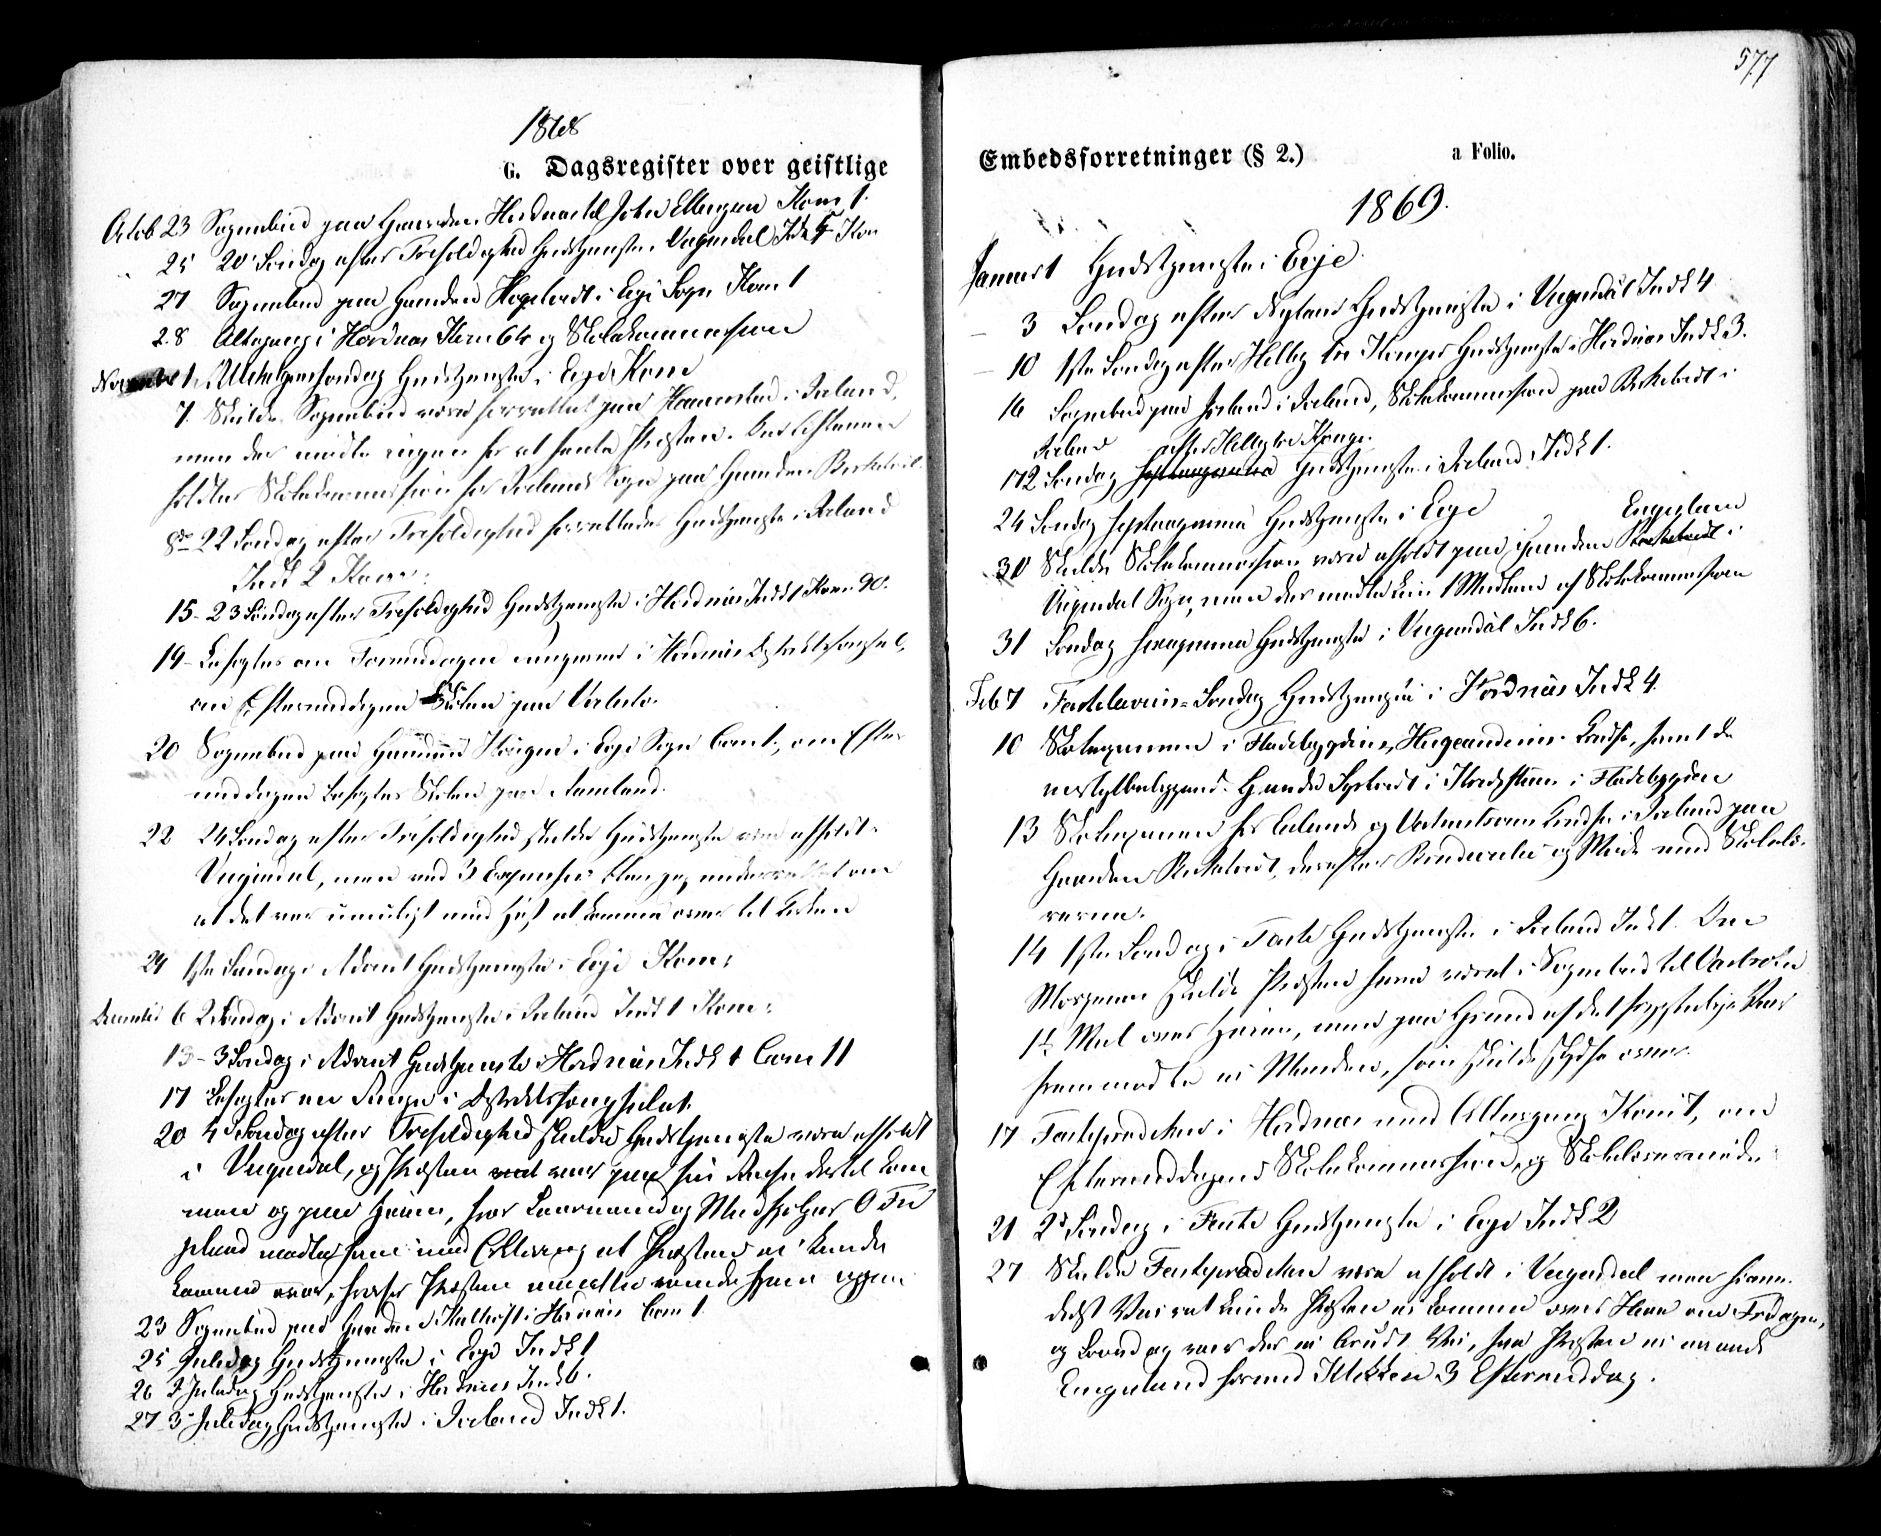 SAK, Evje sokneprestkontor, F/Fa/Faa/L0006: Ministerialbok nr. A 6, 1866-1884, s. 577